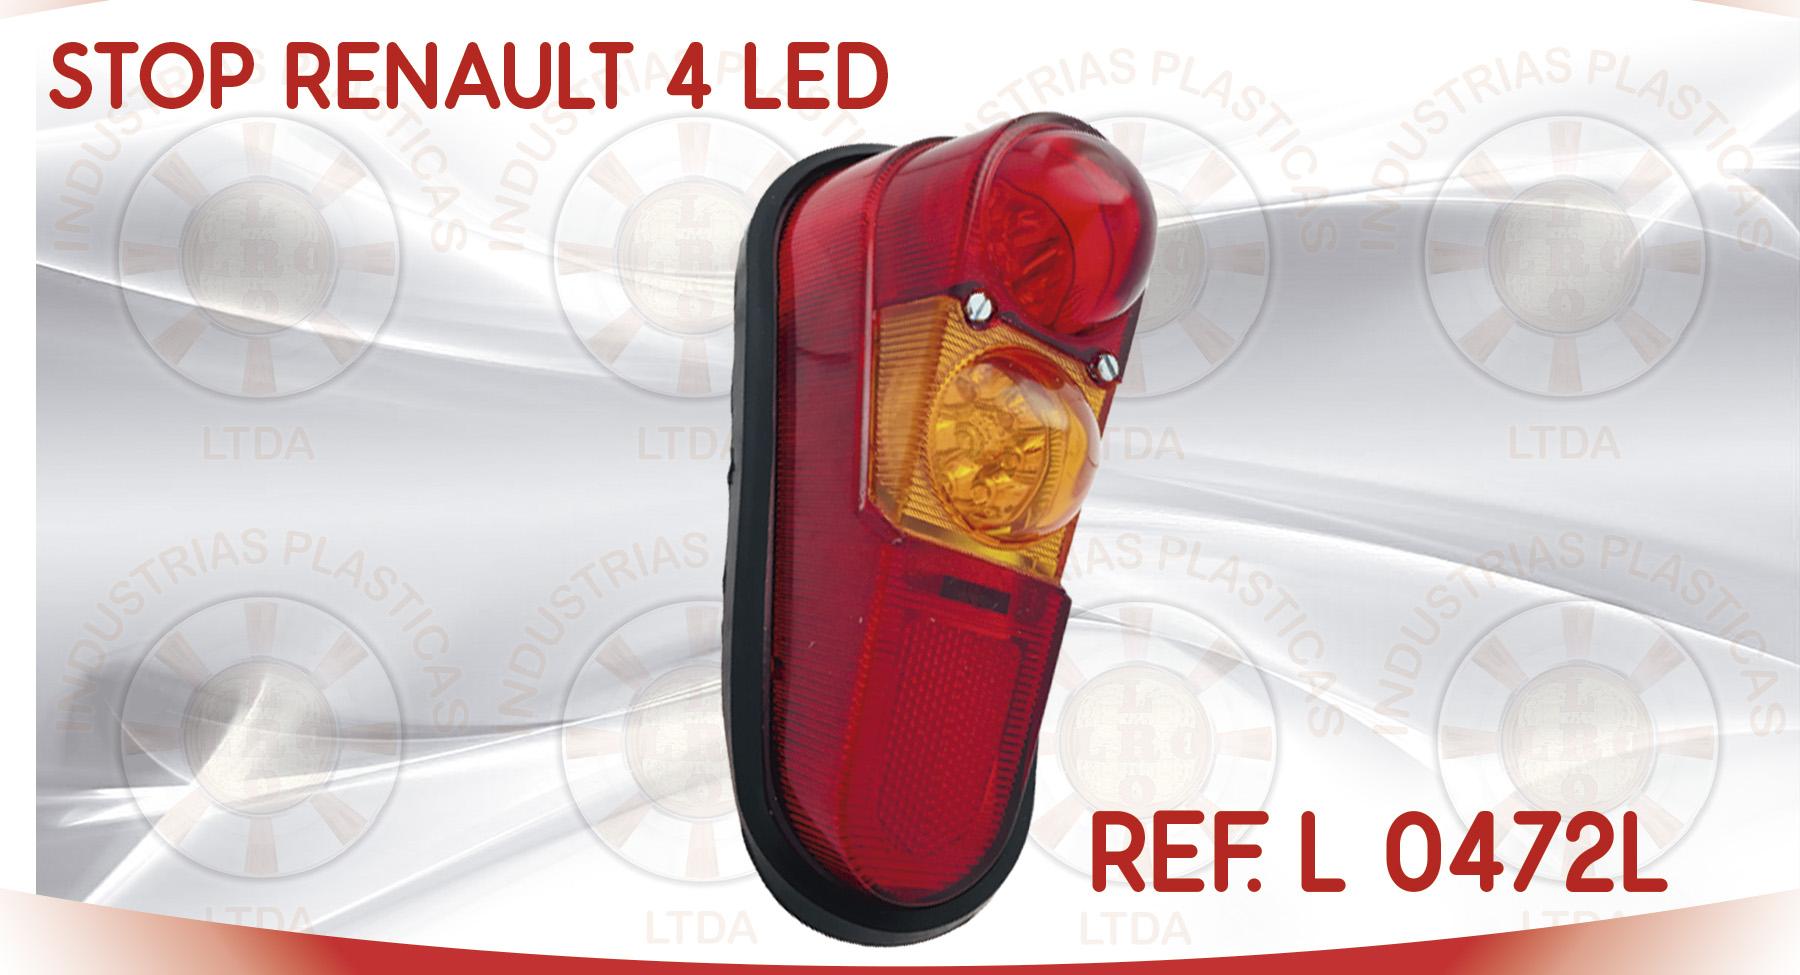 L 0472L STOP RENAULT 4 LED